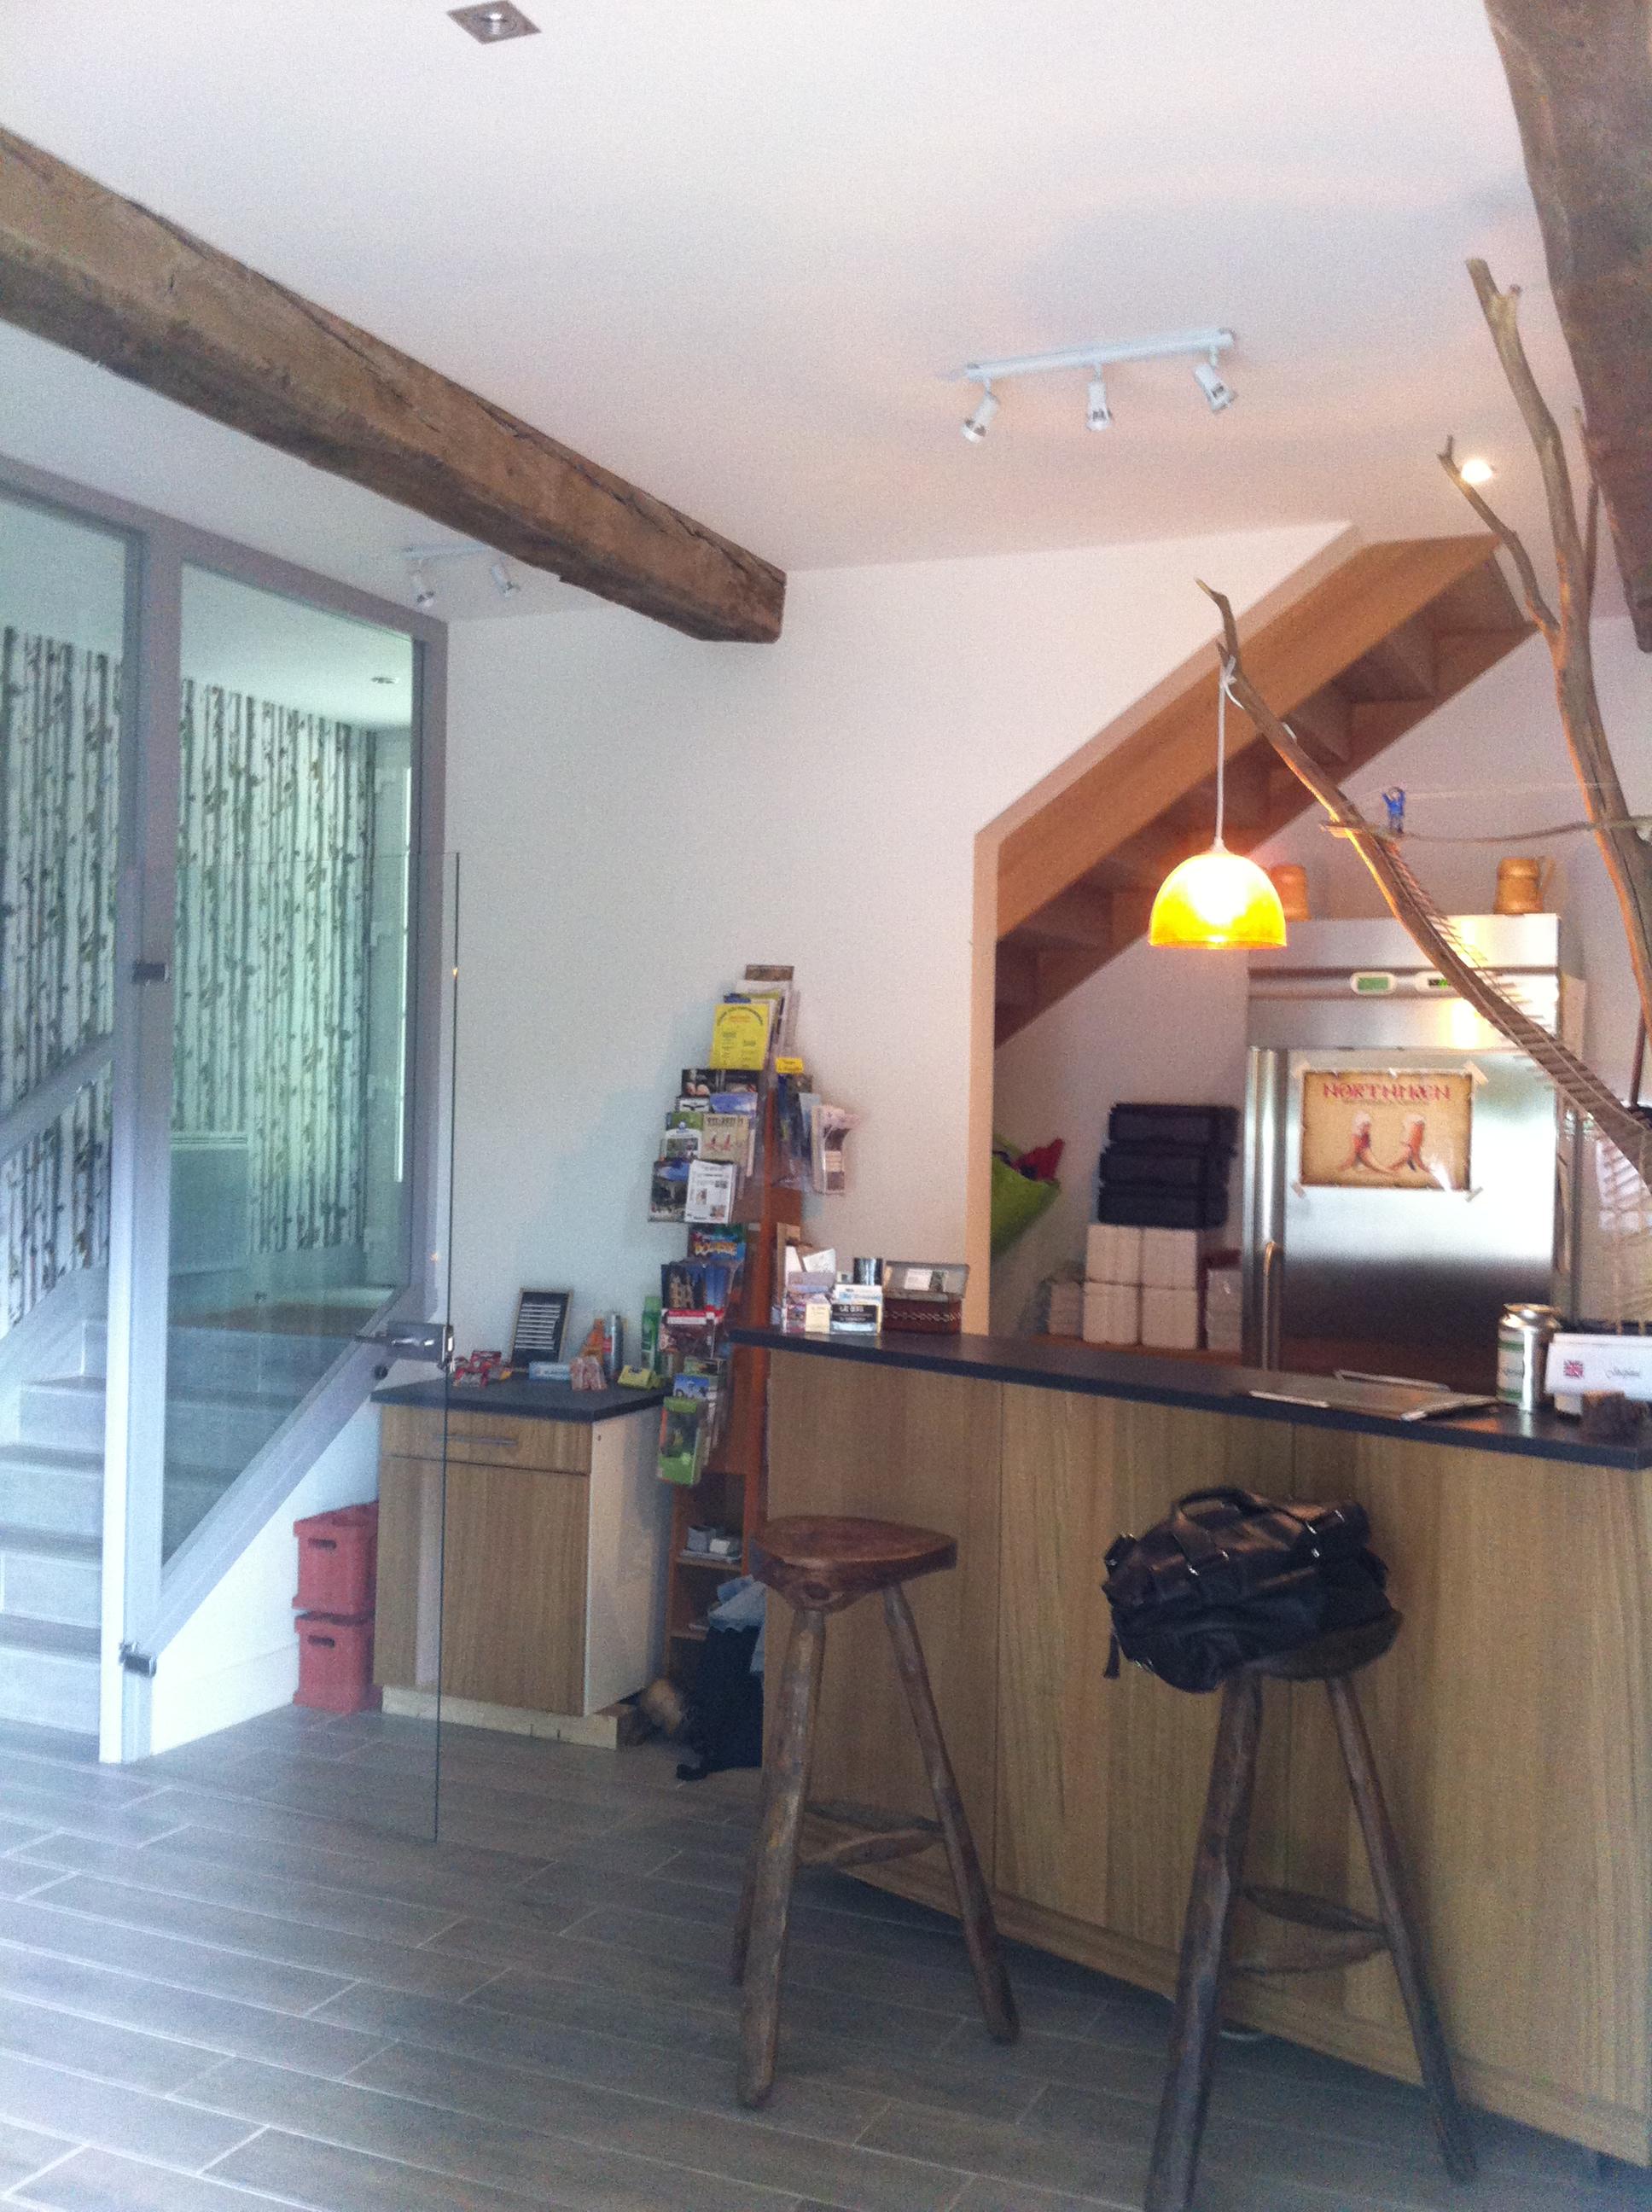 Réhabilitation d'un bâtiment agricole en gîte rural à SAINT GERMAIN LES ESSOURTS